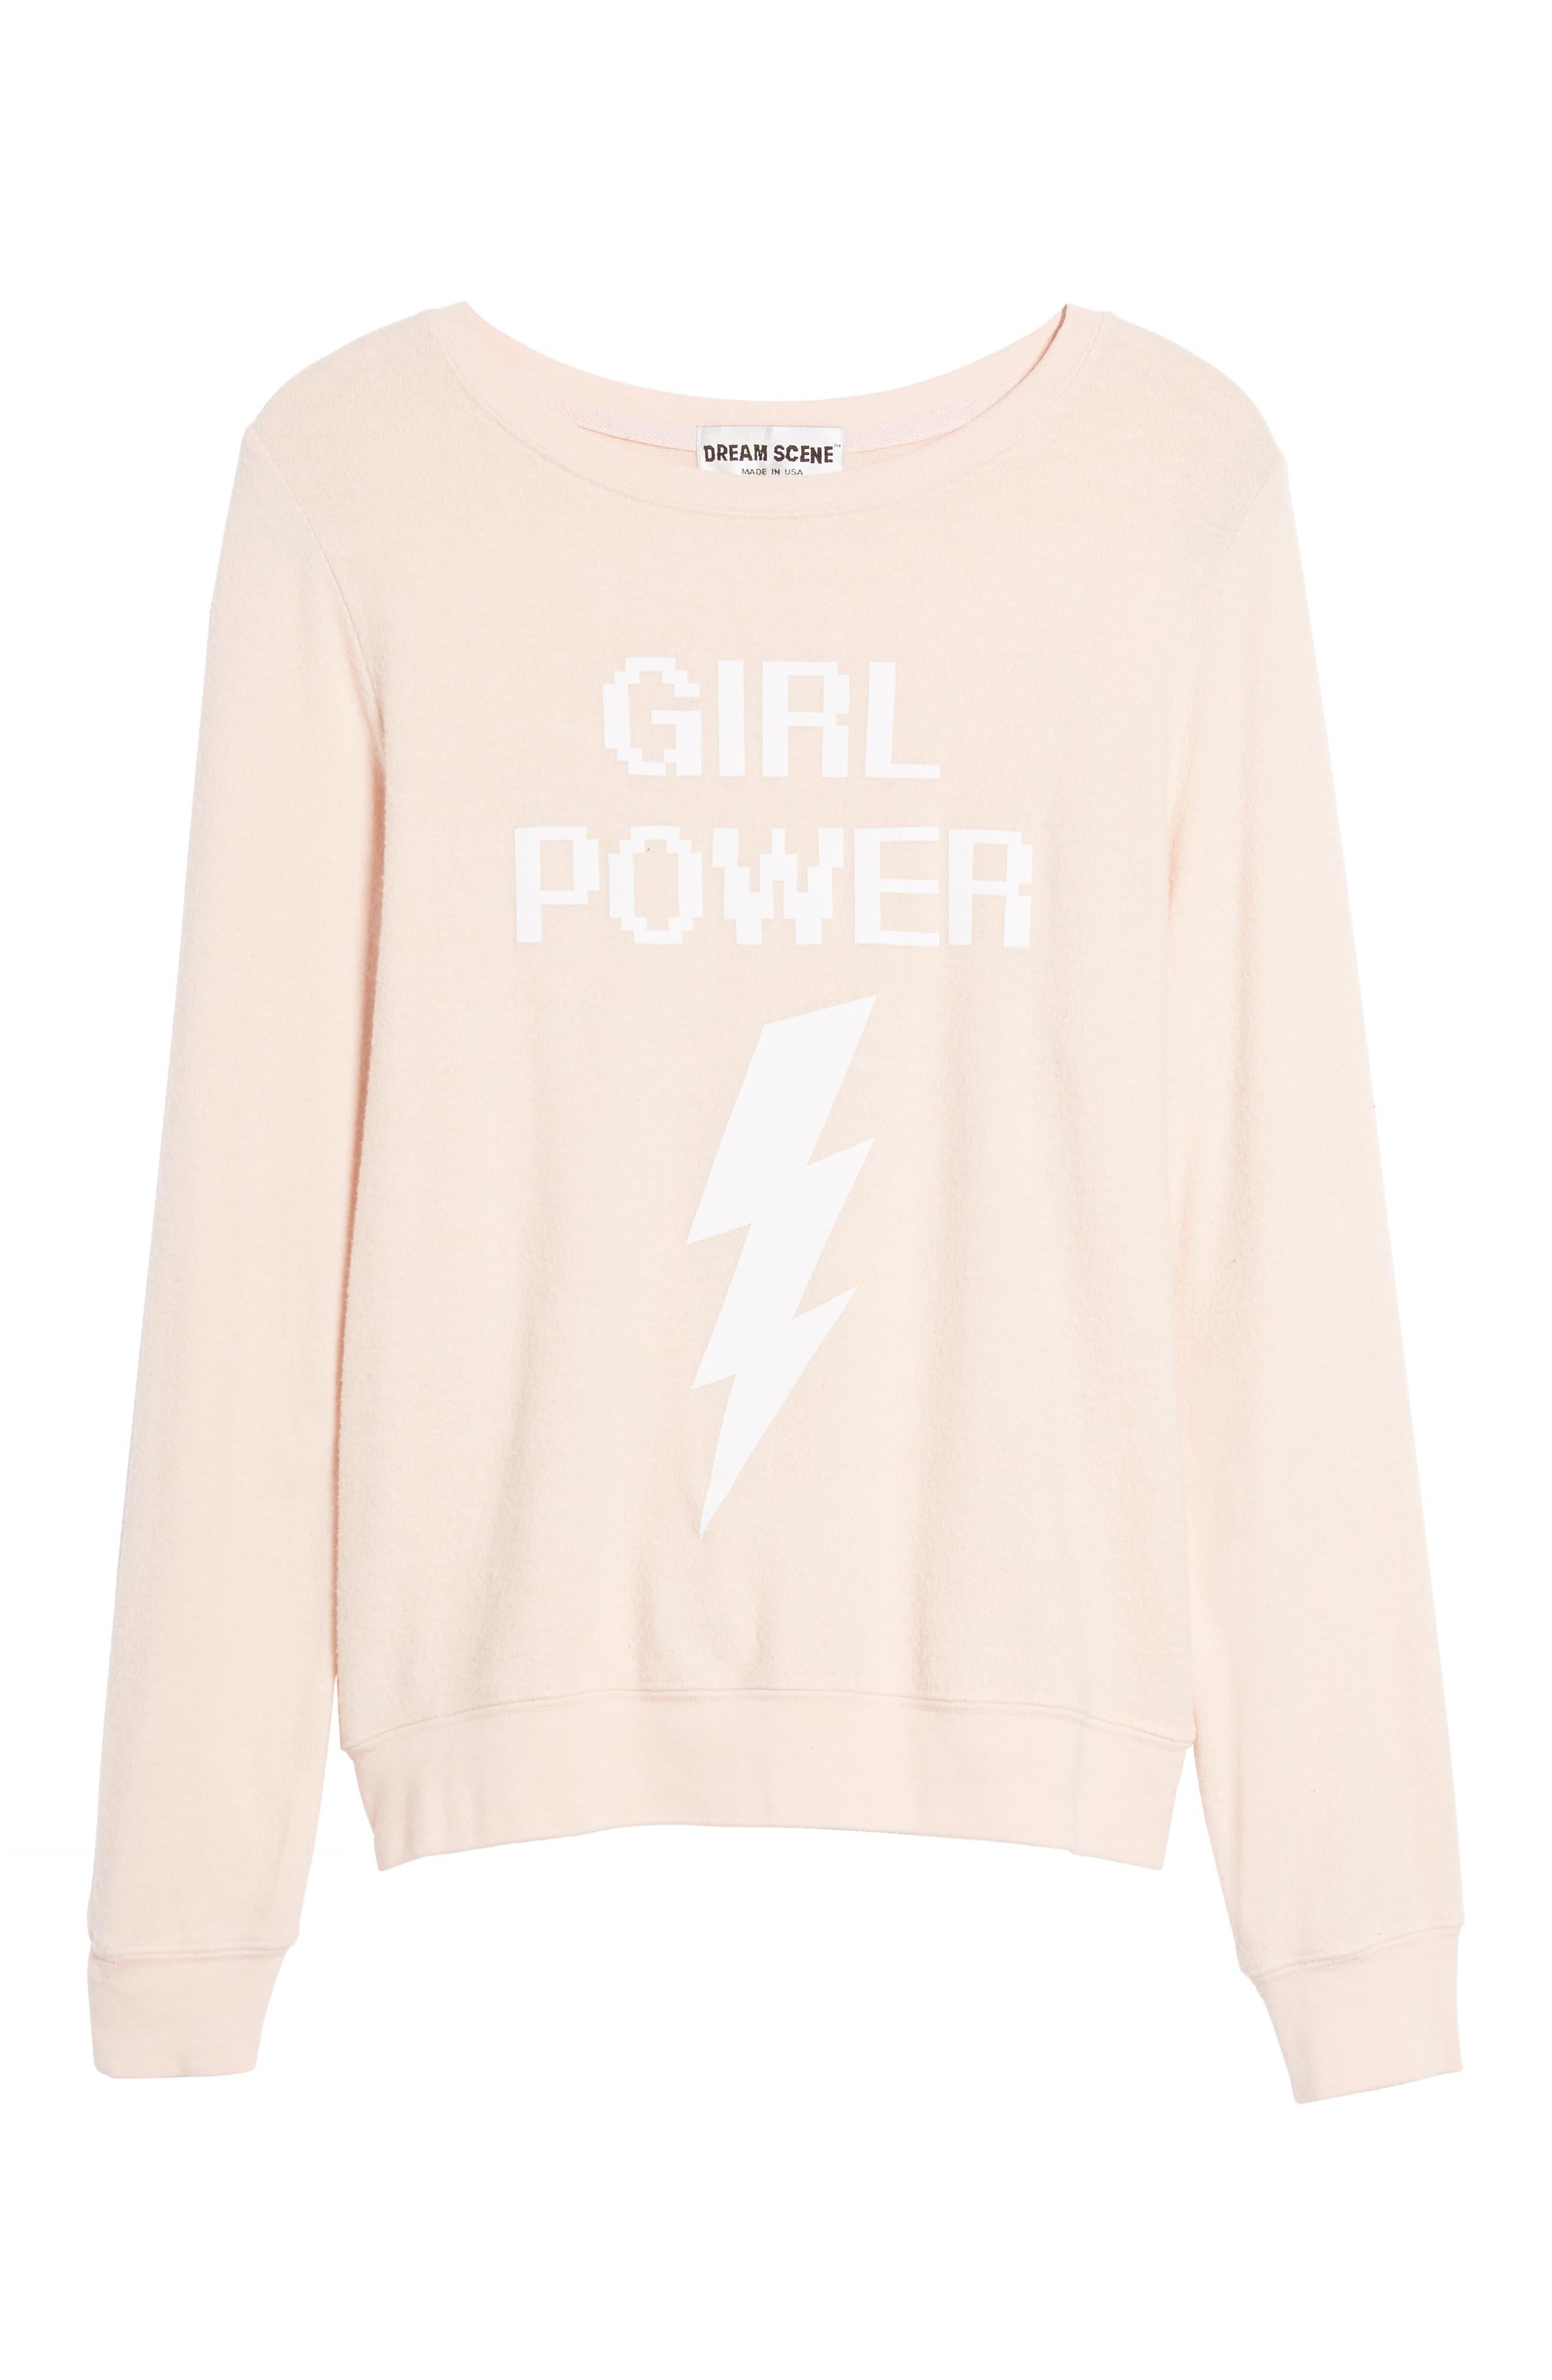 Dream Scene Girl Power Sweatshirt